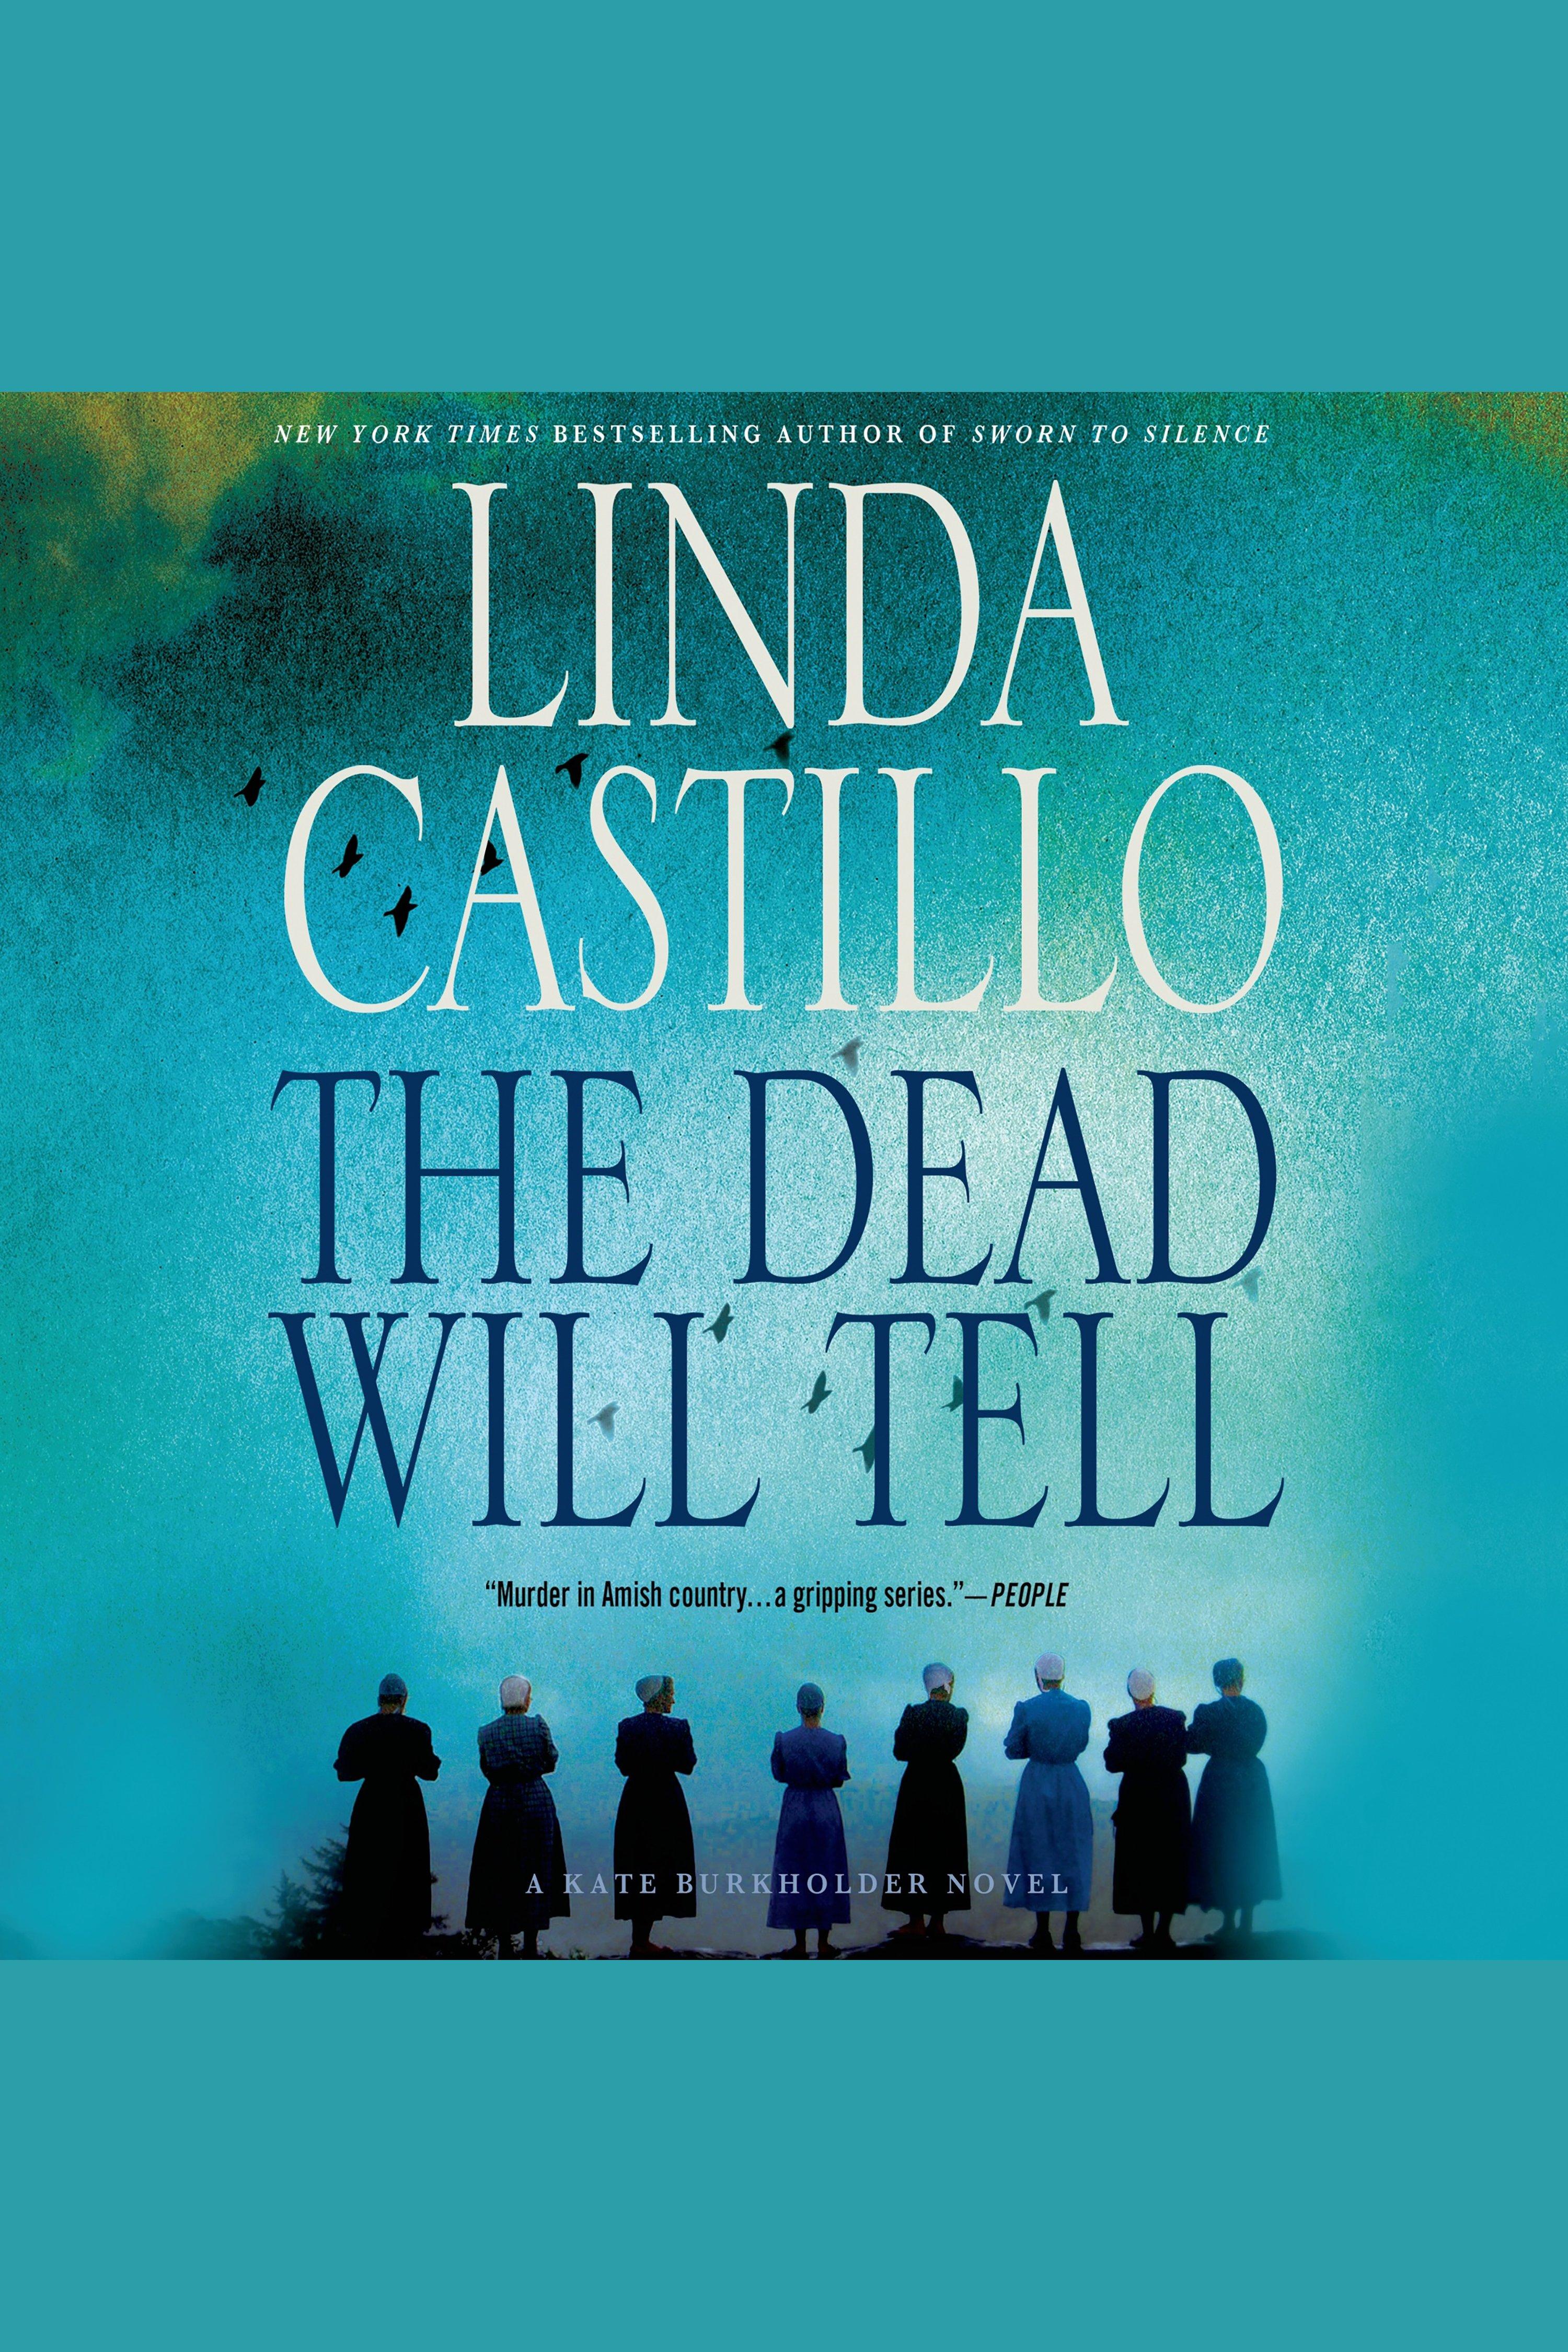 The dead will tell a Kate Burkholder novel cover image